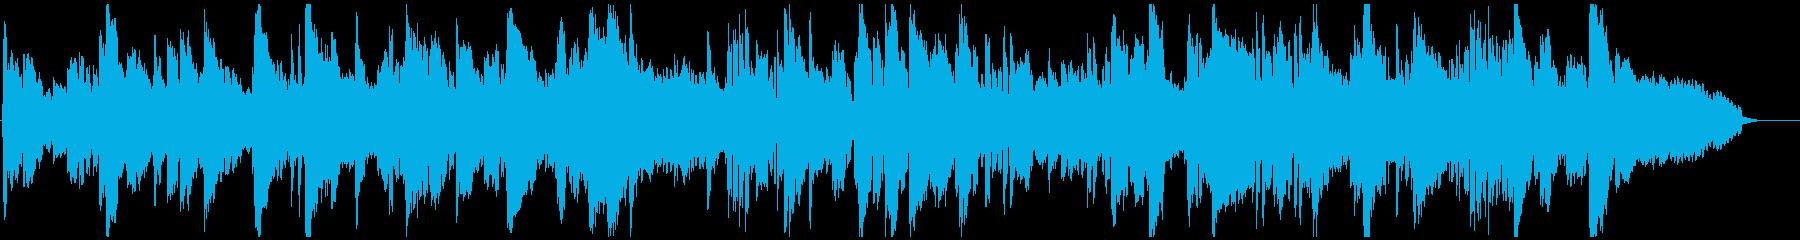 ゆっくり優しいエレピとサックスのバラードの再生済みの波形